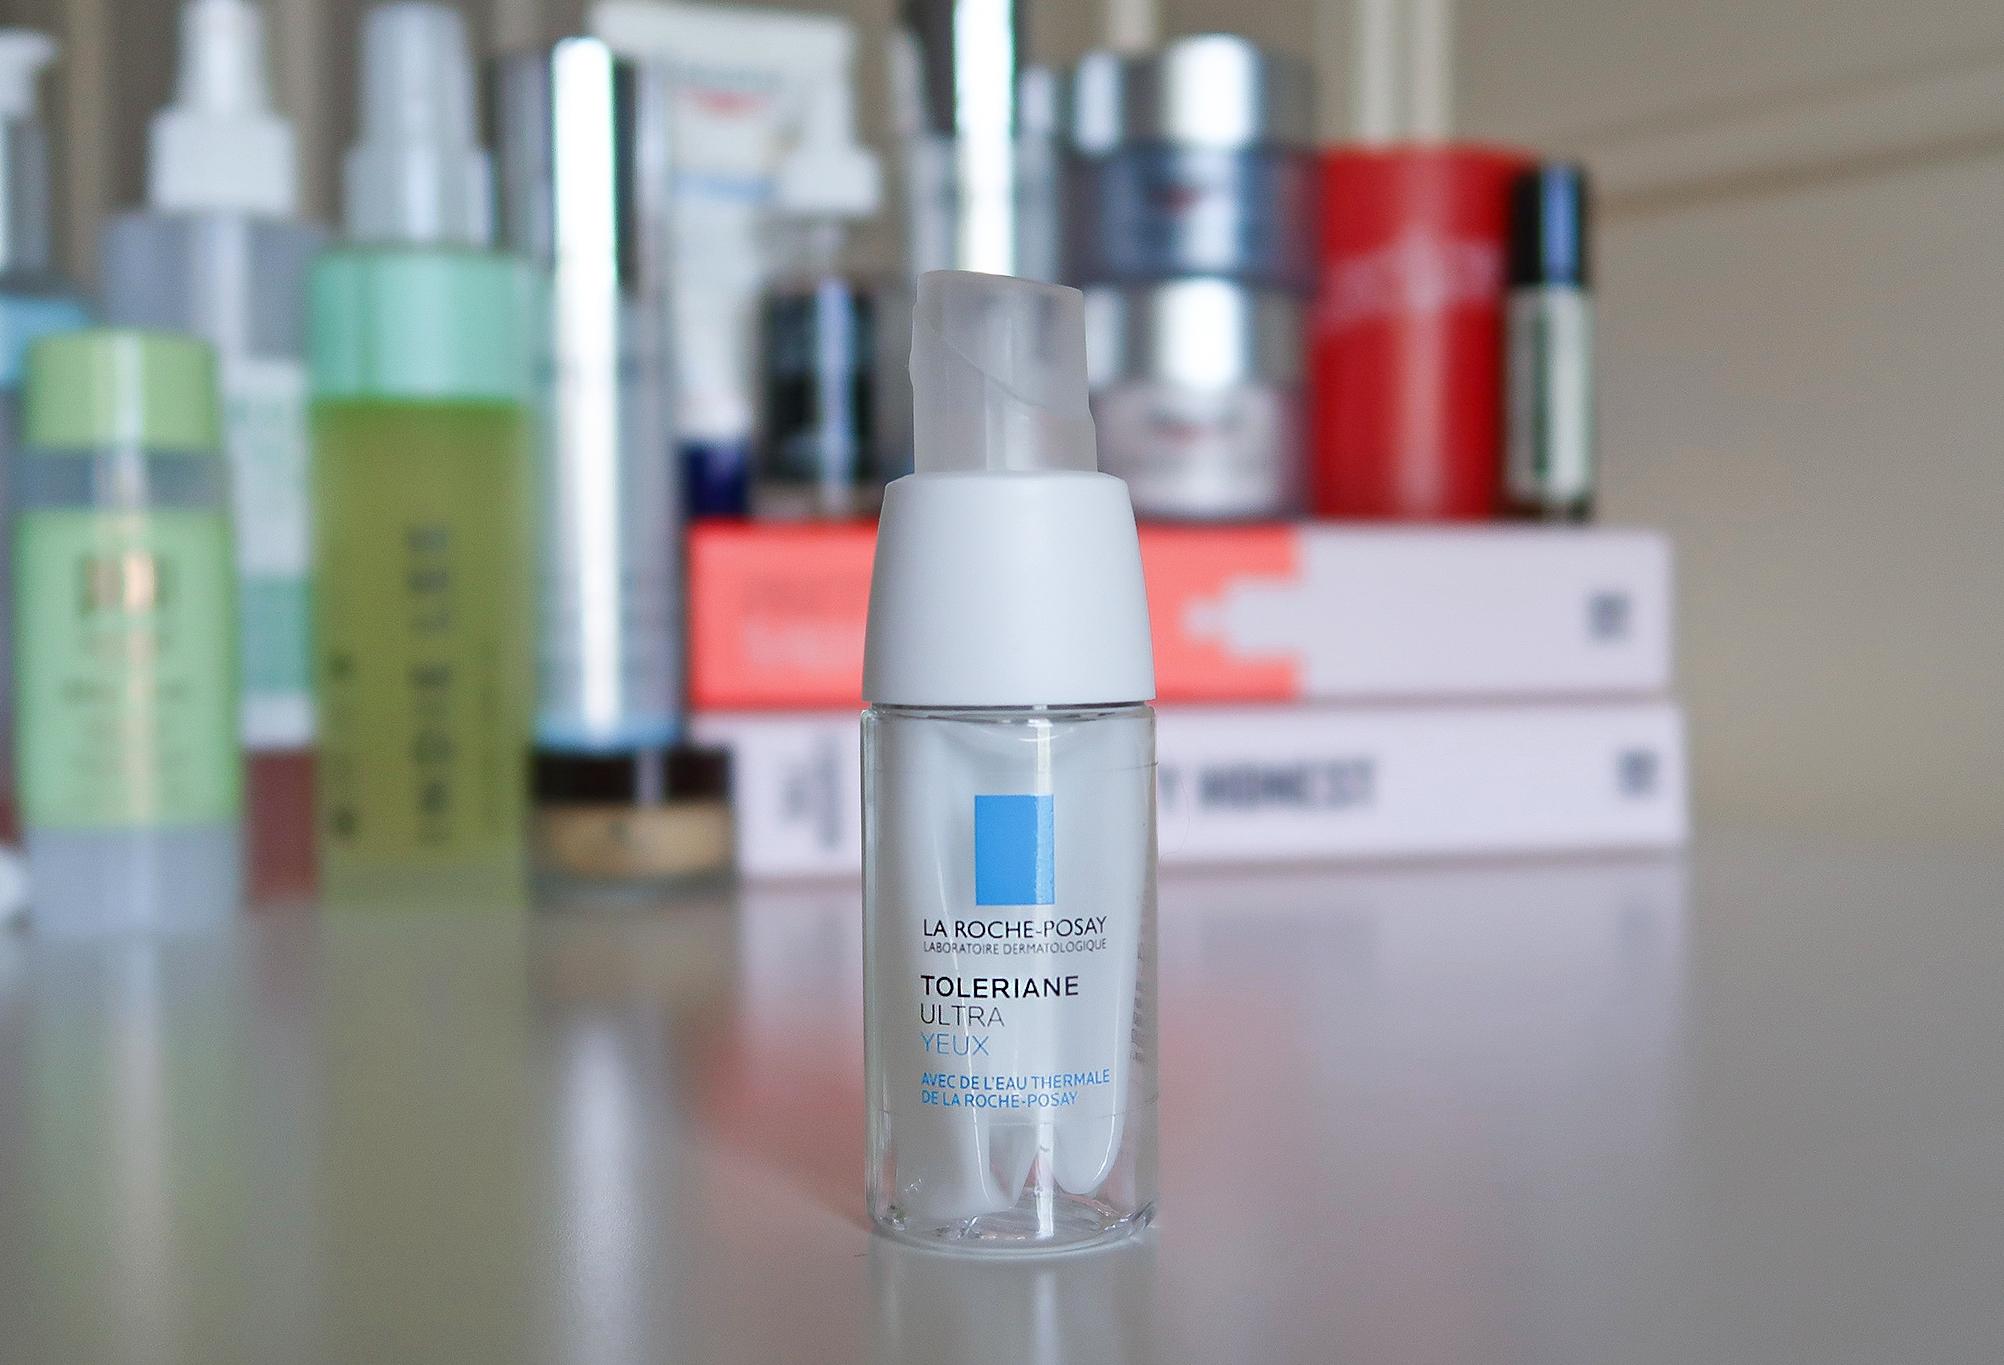 La Roche Posay Toleriane Eye Cream